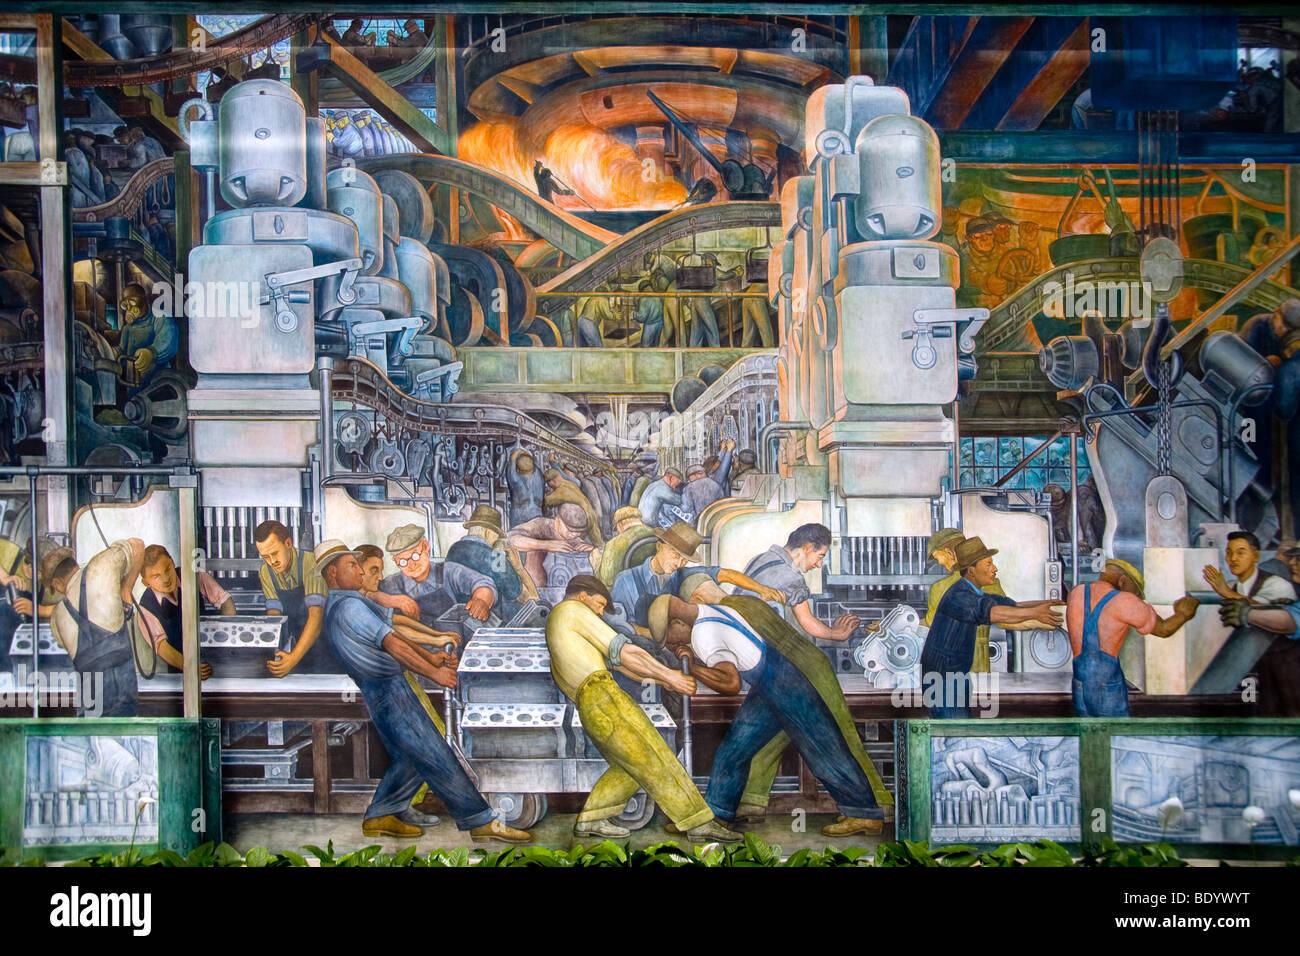 Rivière Ford Rouge factory ouvriers fabriquent des pièces de voitures en 1933, la fresque de Diego Rivera Photo Stock